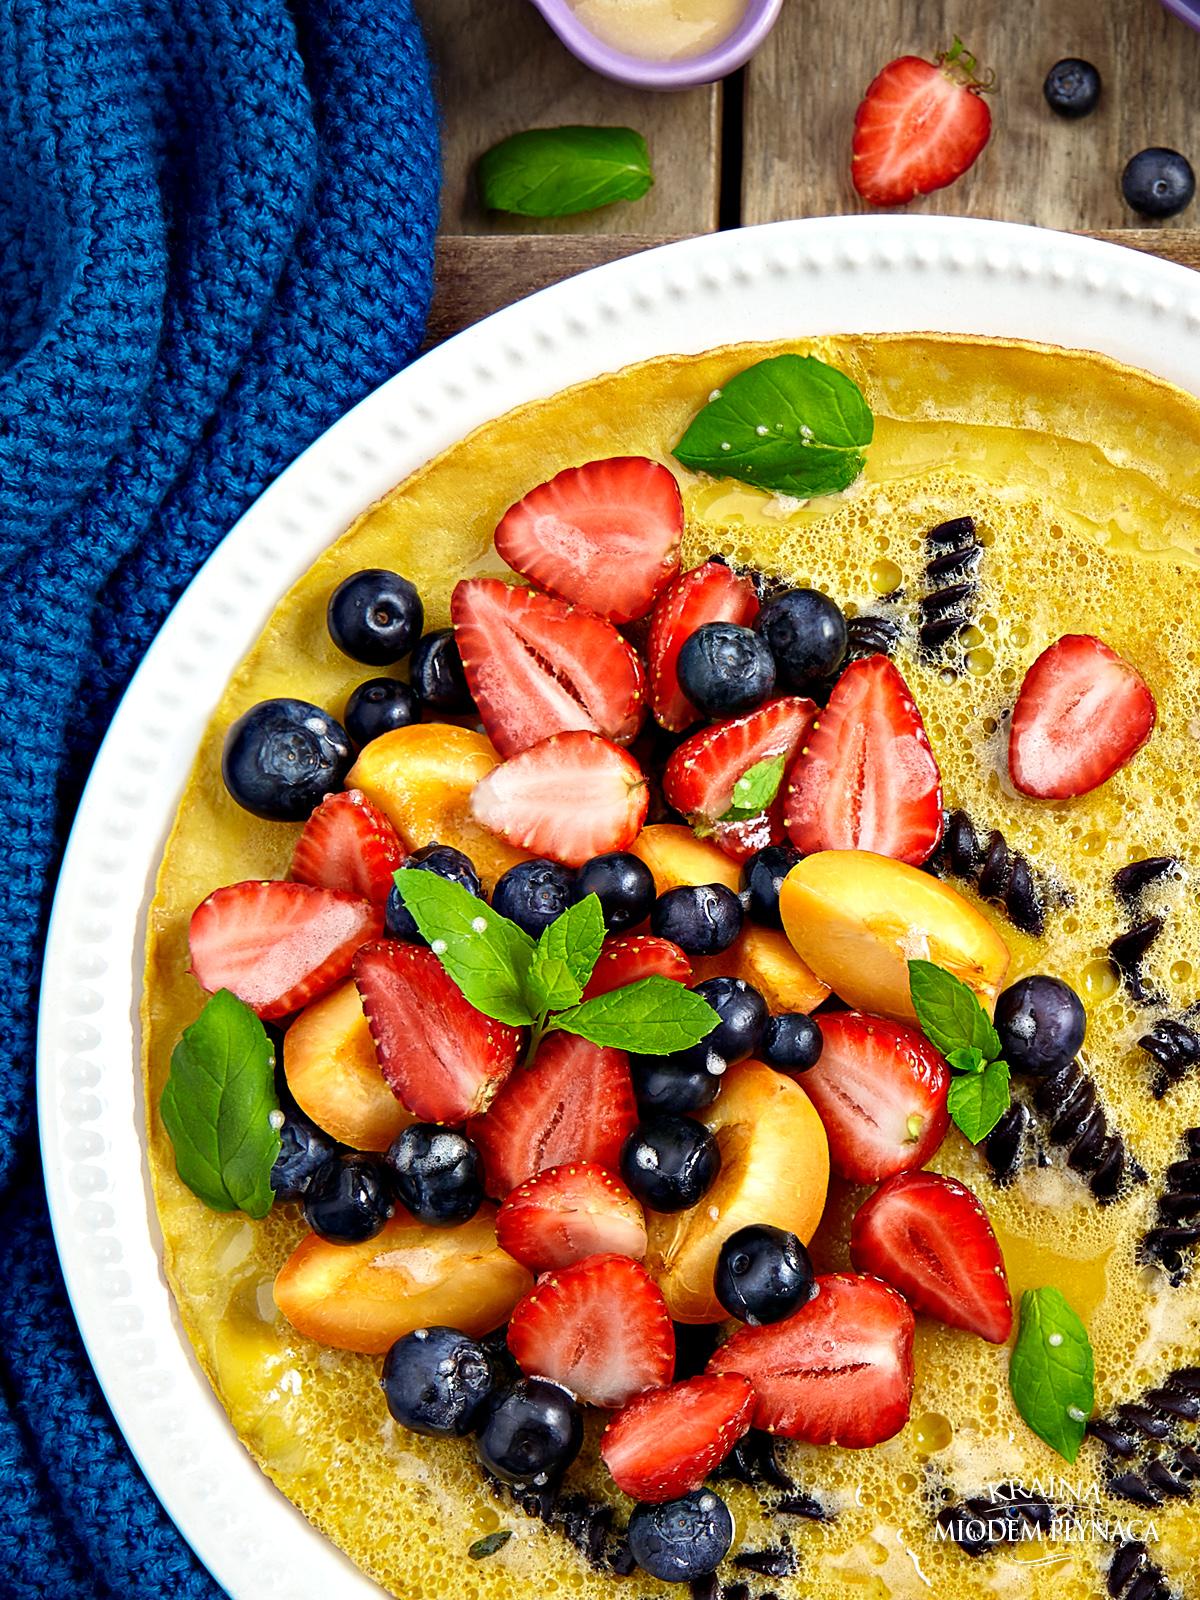 omlet z makaronem i owocami lata, omlet jajeczny, omlet z owocami, grzybek z makaronem, omlet grzybek, grzybek z owocami, konkurs Lubella, makaron mini lubella, makaron z owocami, kraina miodem płynąca